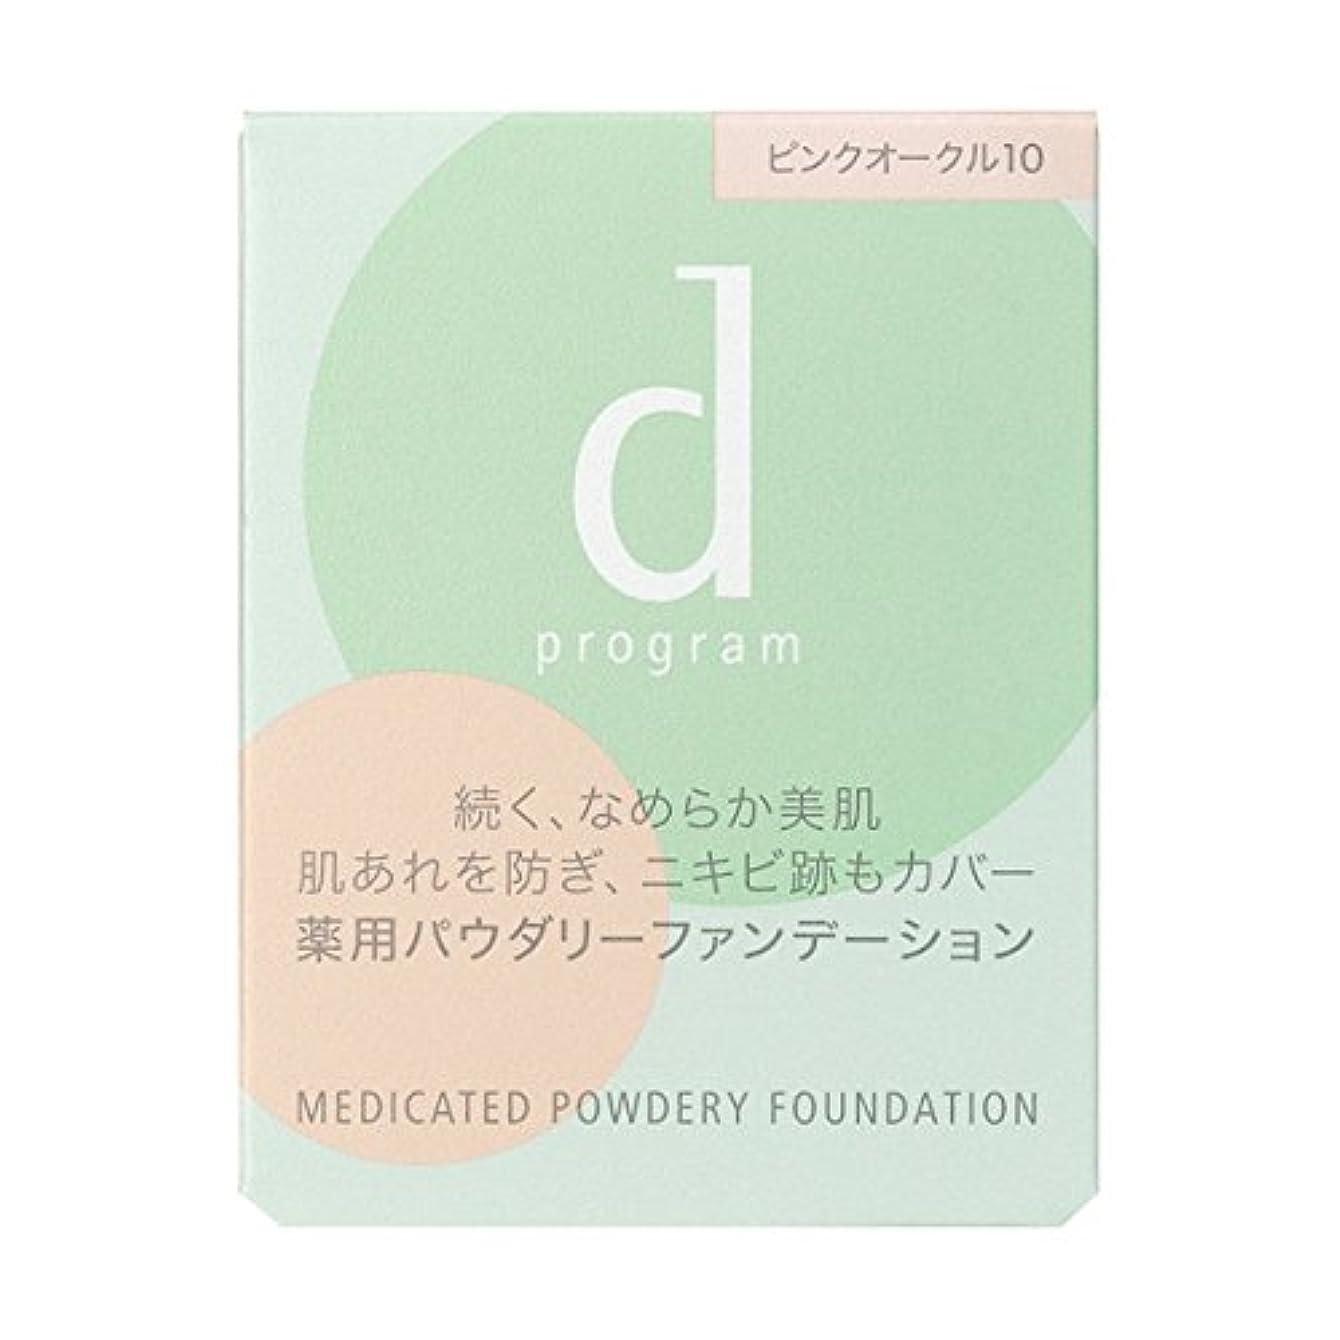 代わりに生産性ウナギ資生堂 d プログラム メディケイテッド パウダリーファンデーション ピンクオークル10 (レフィル) 10.5g